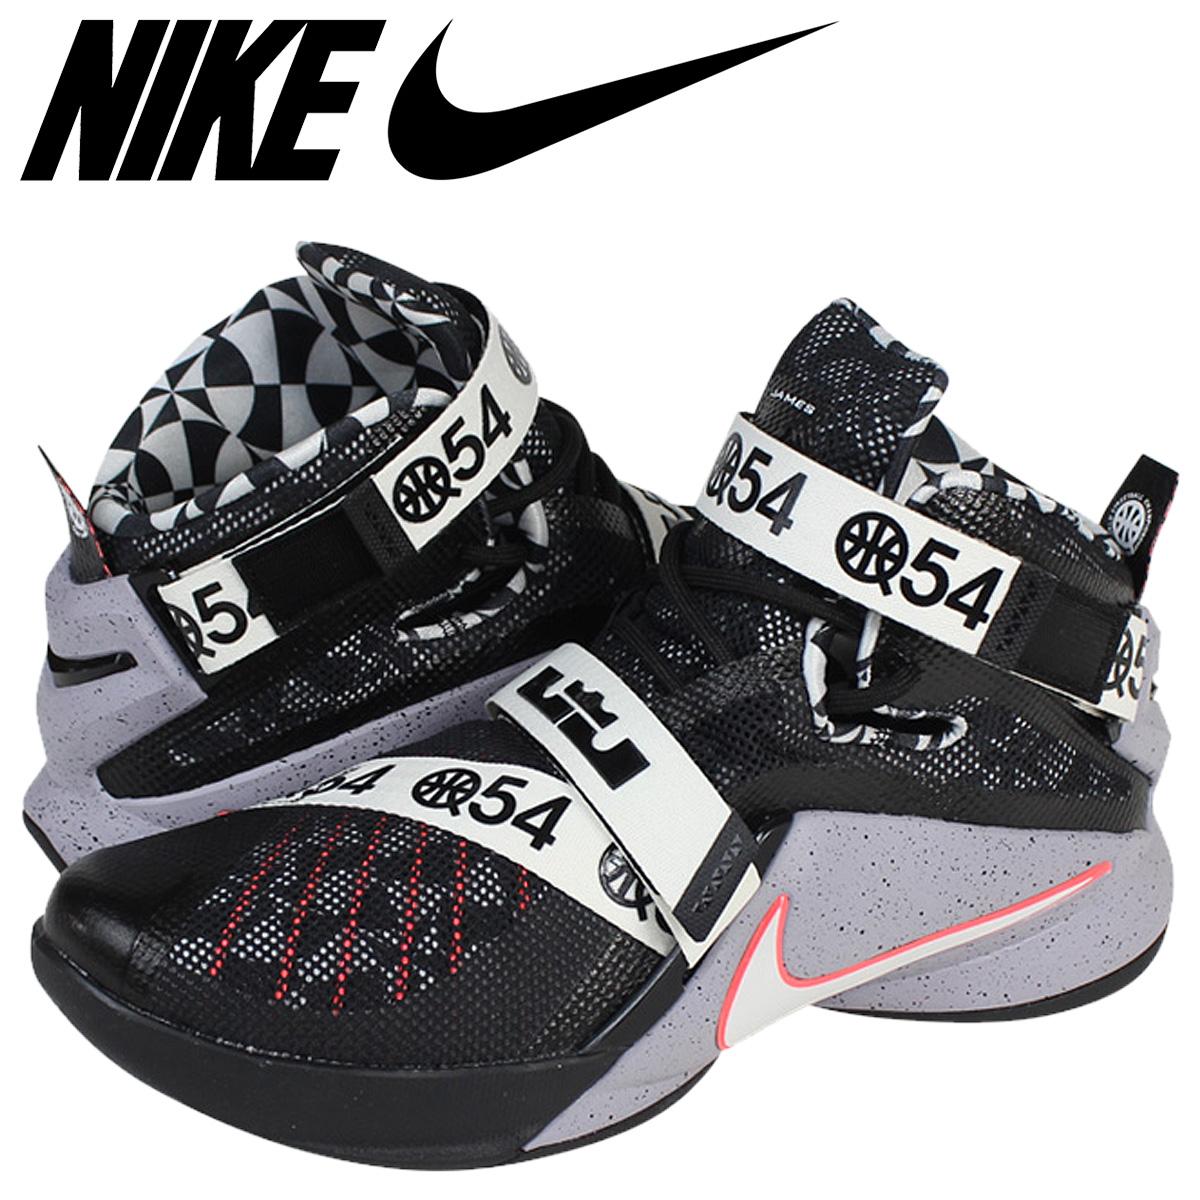 ナイキ 650884-674 NBA 2K 14 LEBRON 11 PRM レッド メンズ スニーカー プレミアム 【zzi】 レブロン11 レブロン 【返品不可】 NIKE